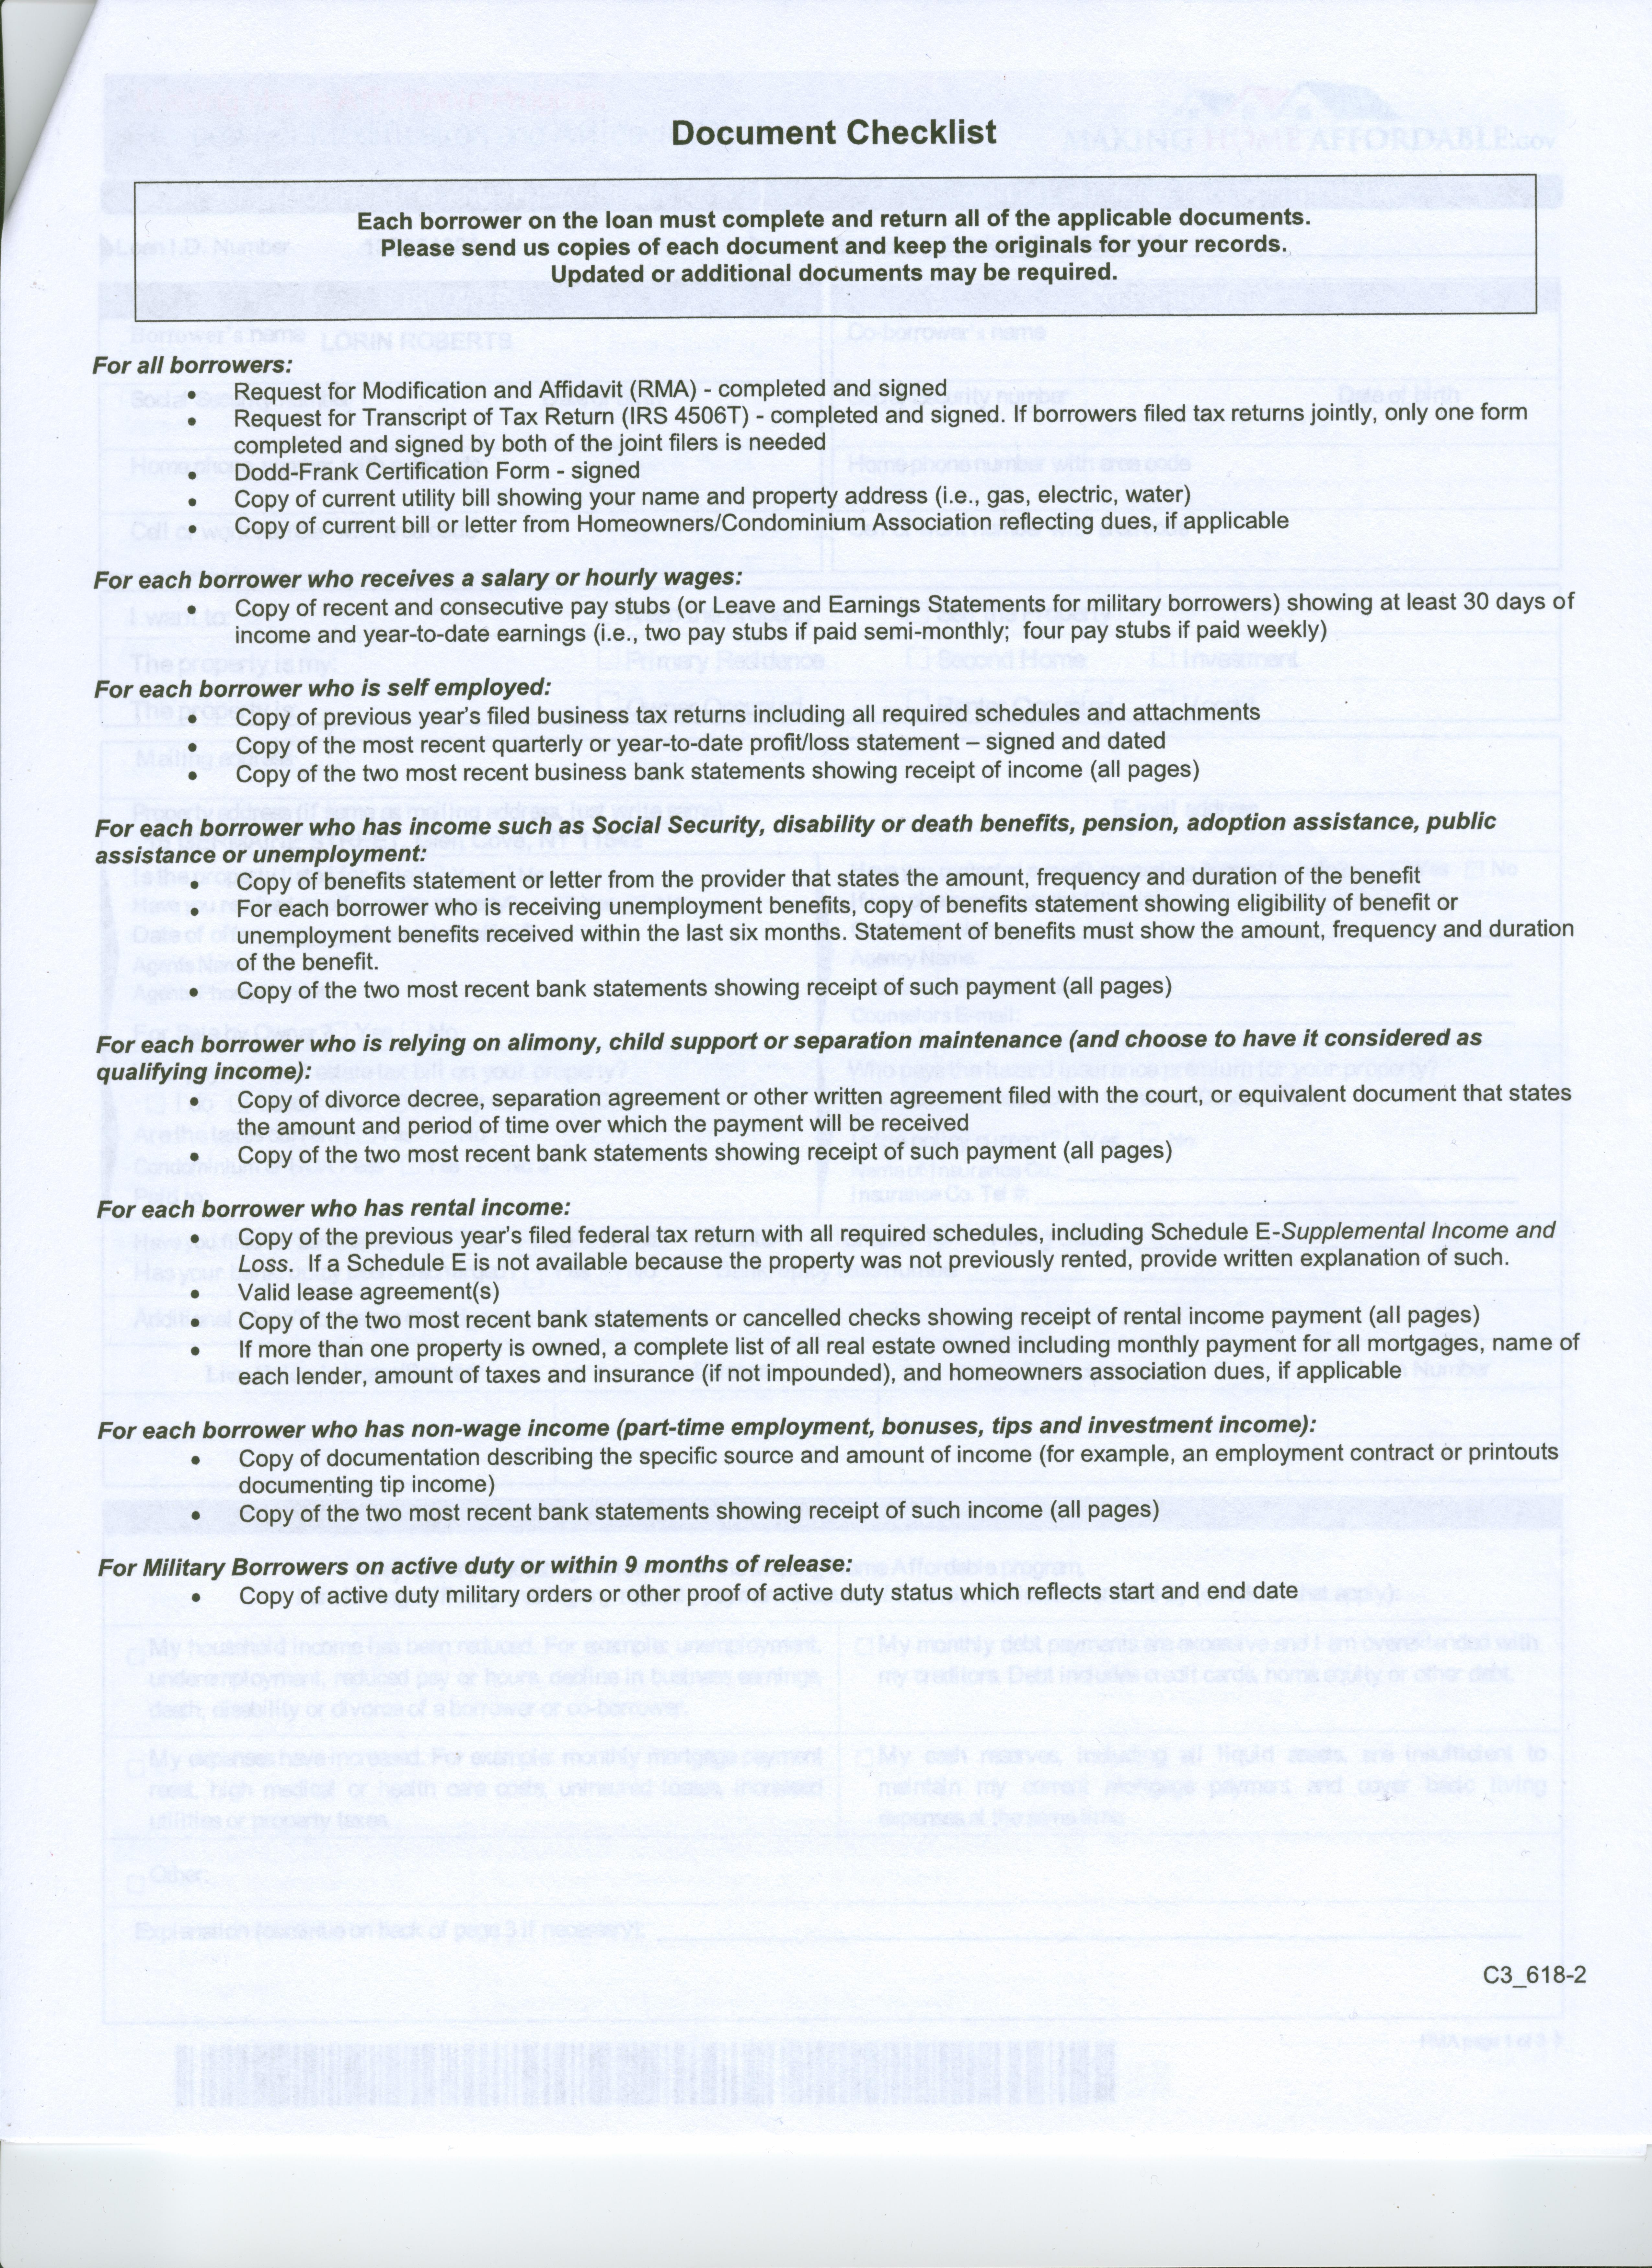 BOA Checklist Document